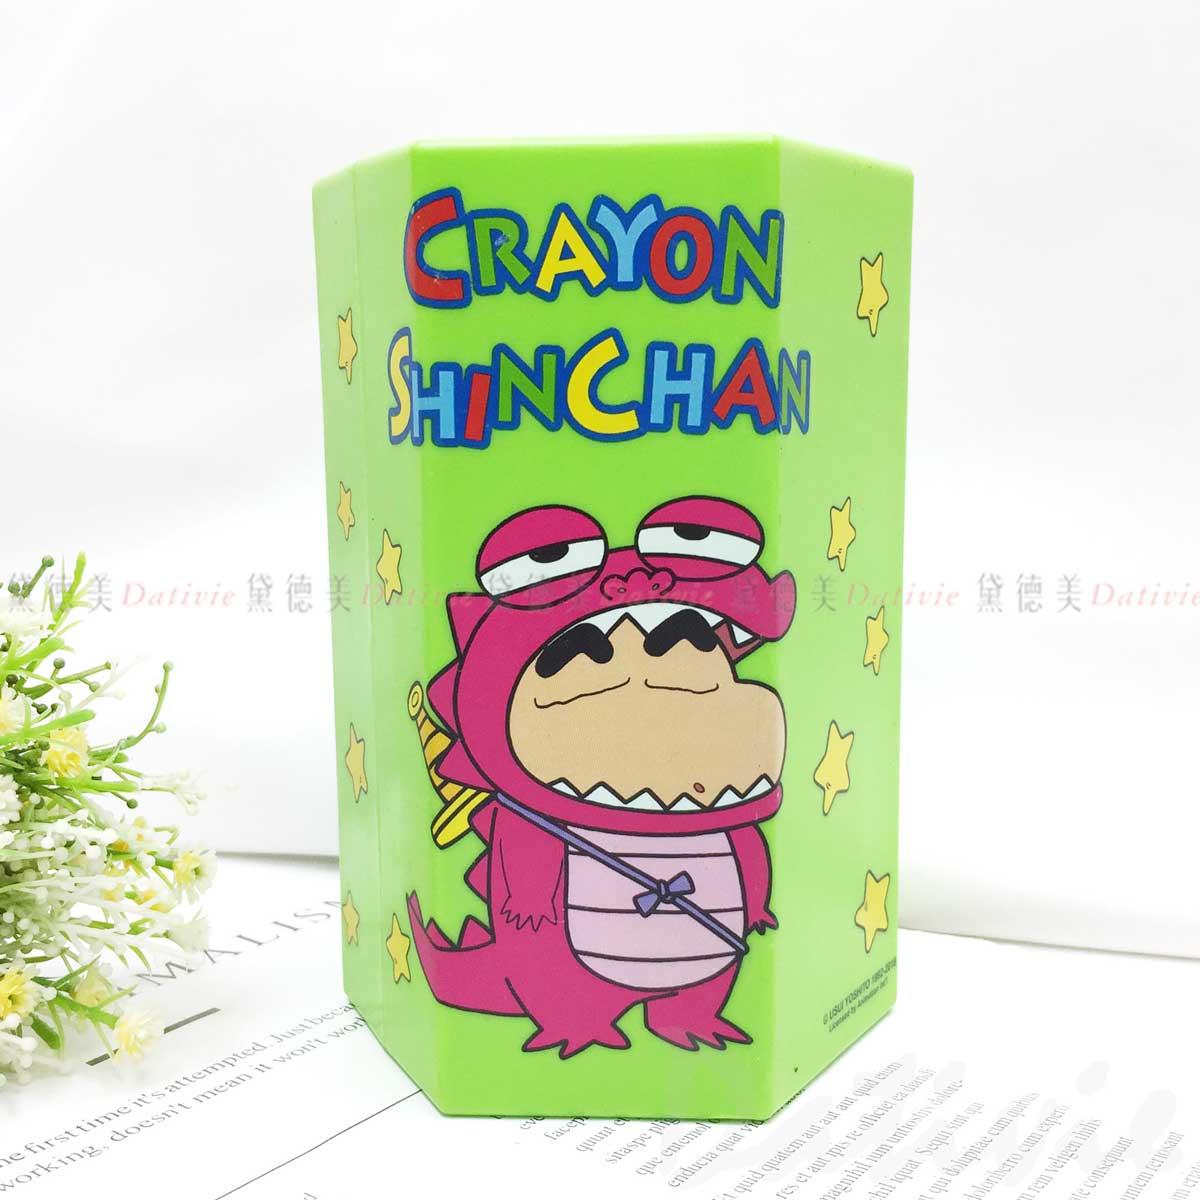 巧克比鱷魚餅乾存錢筒-蠟筆小新 Crayon Shin Chain クレヨンしんちゃん 韓國正版授權